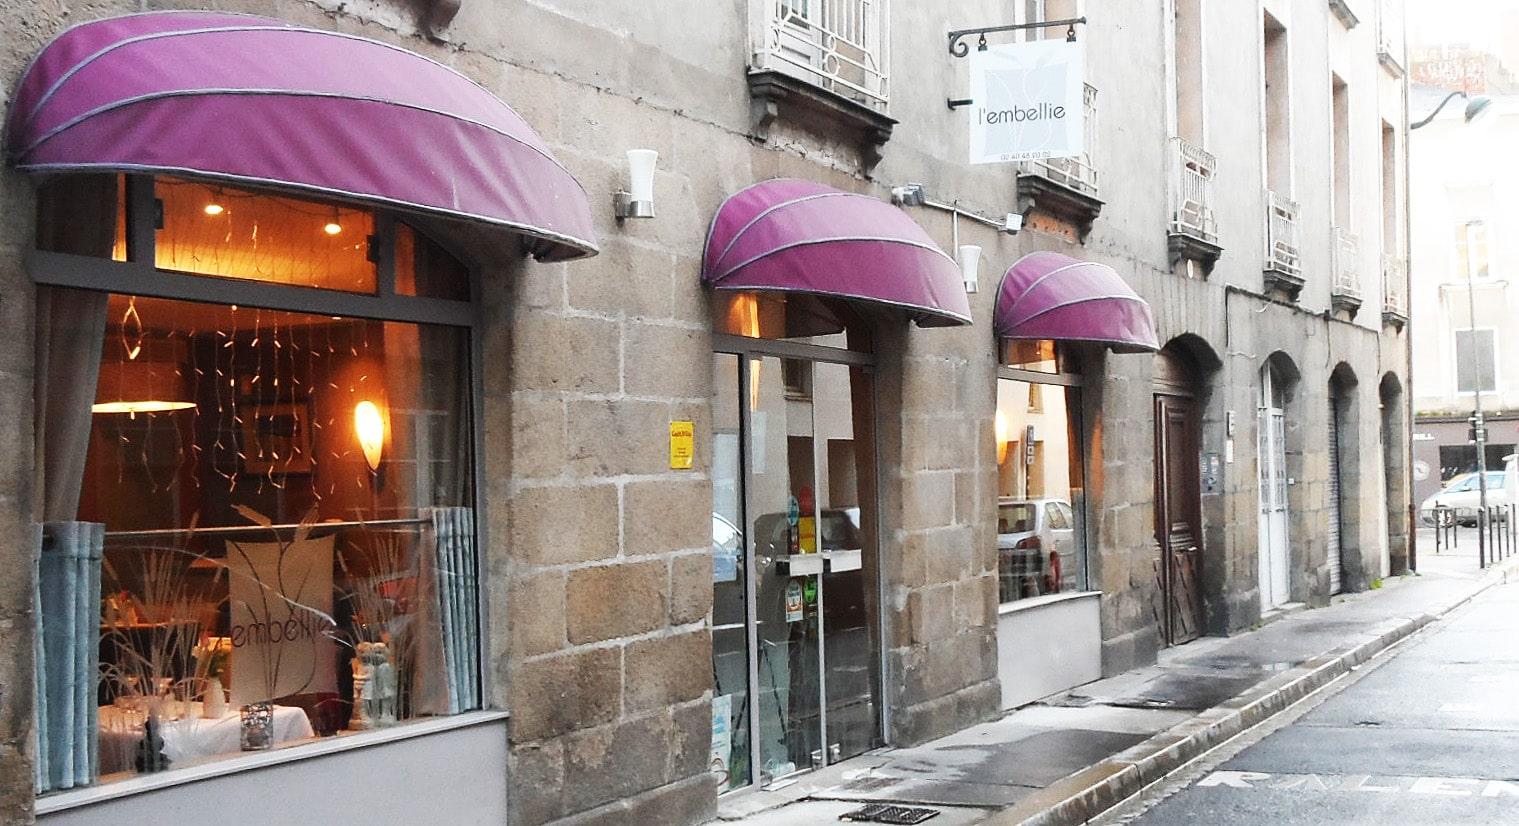 À Nantes, L'Embellie n'en est qu'à ses débuts